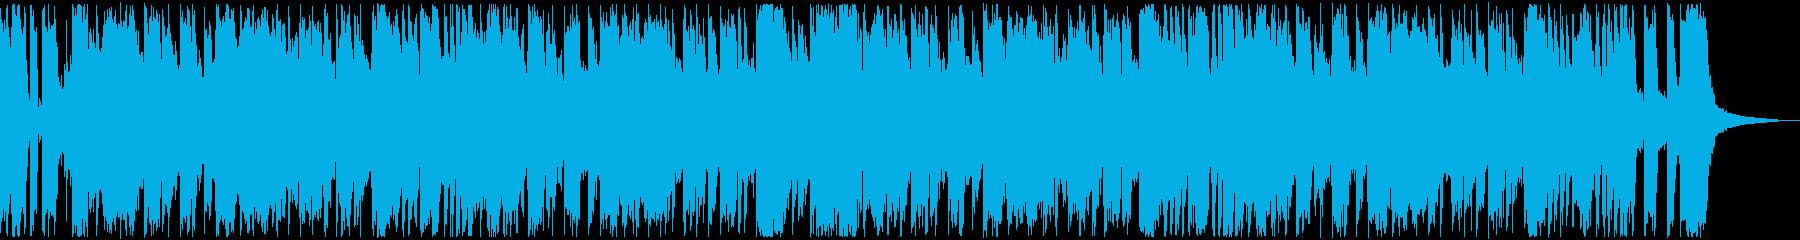 30秒、ポップ、軽快、コミカルの再生済みの波形